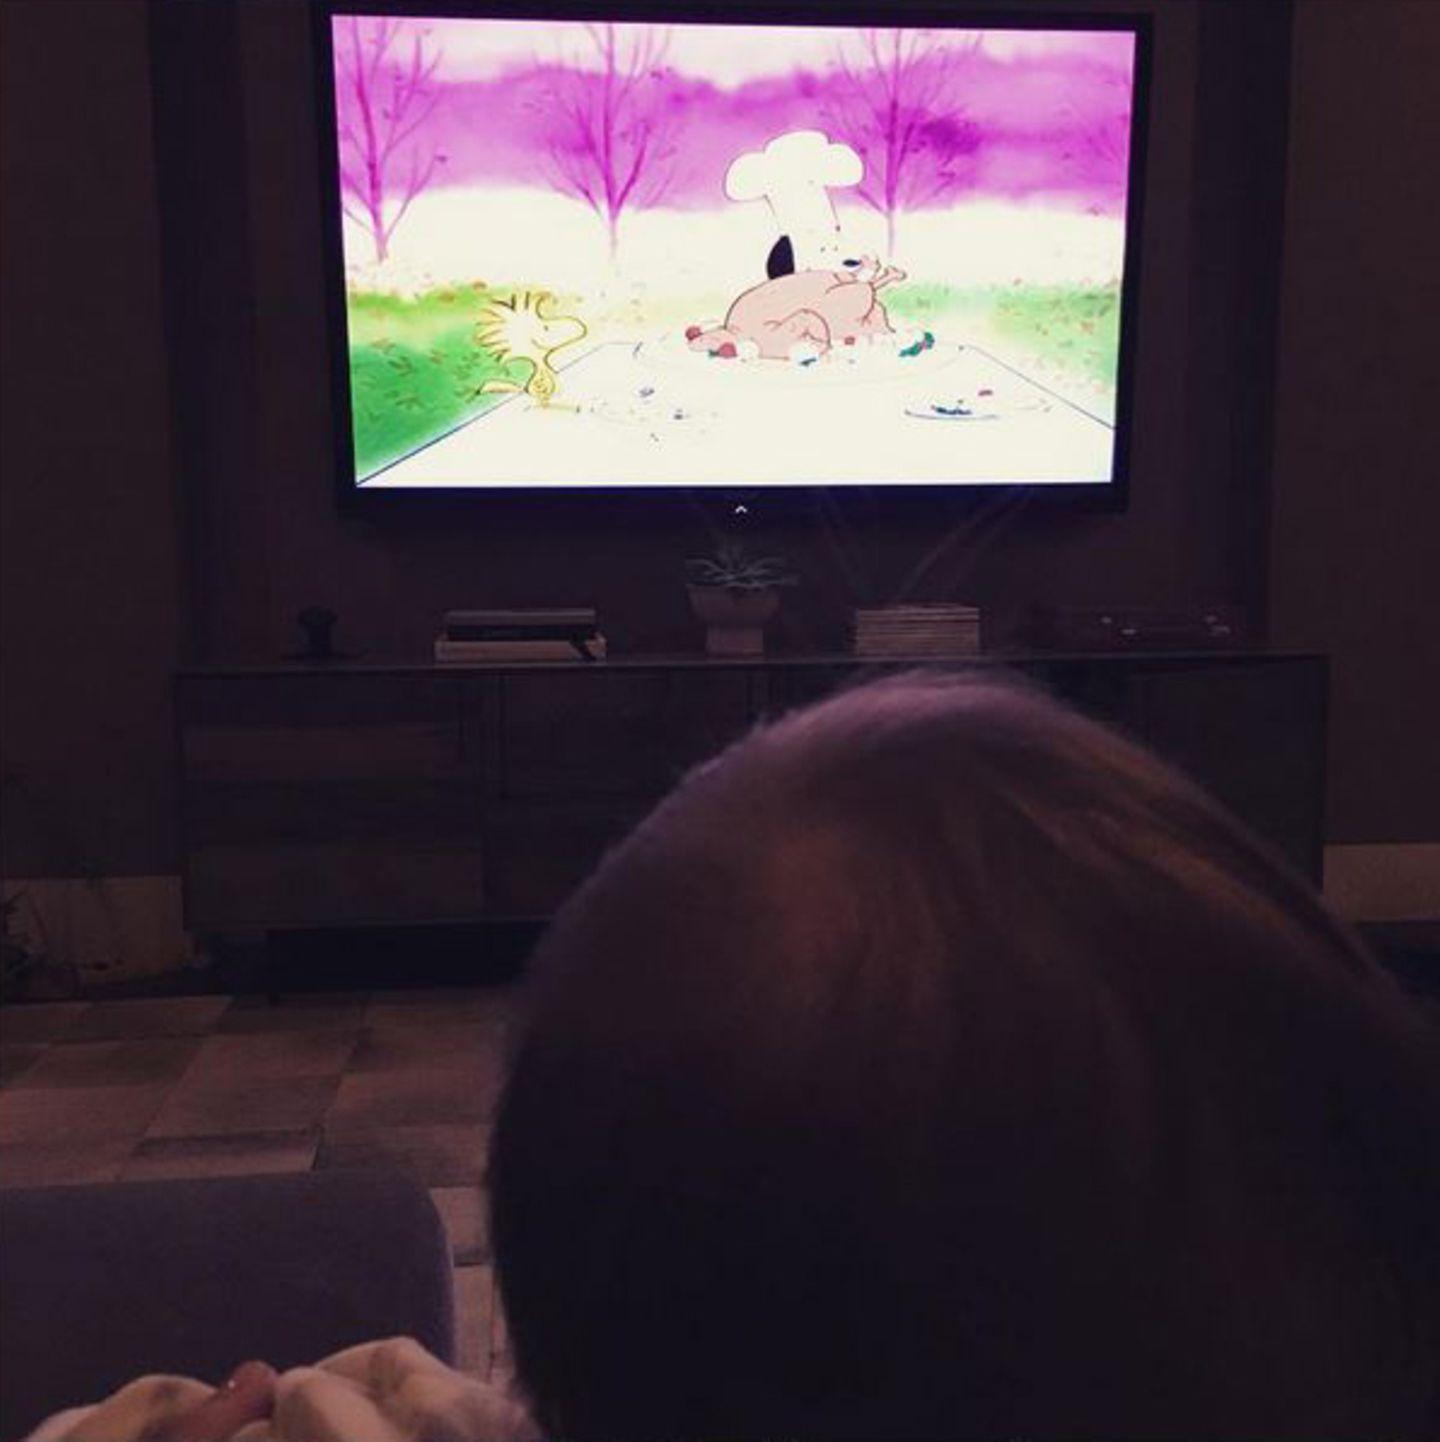 """Mit ihren Kindern hat es sich Kourtney Kardashian auf der Couch gemütlich gemacht, um """"Die Peanuts"""" zu gucken."""